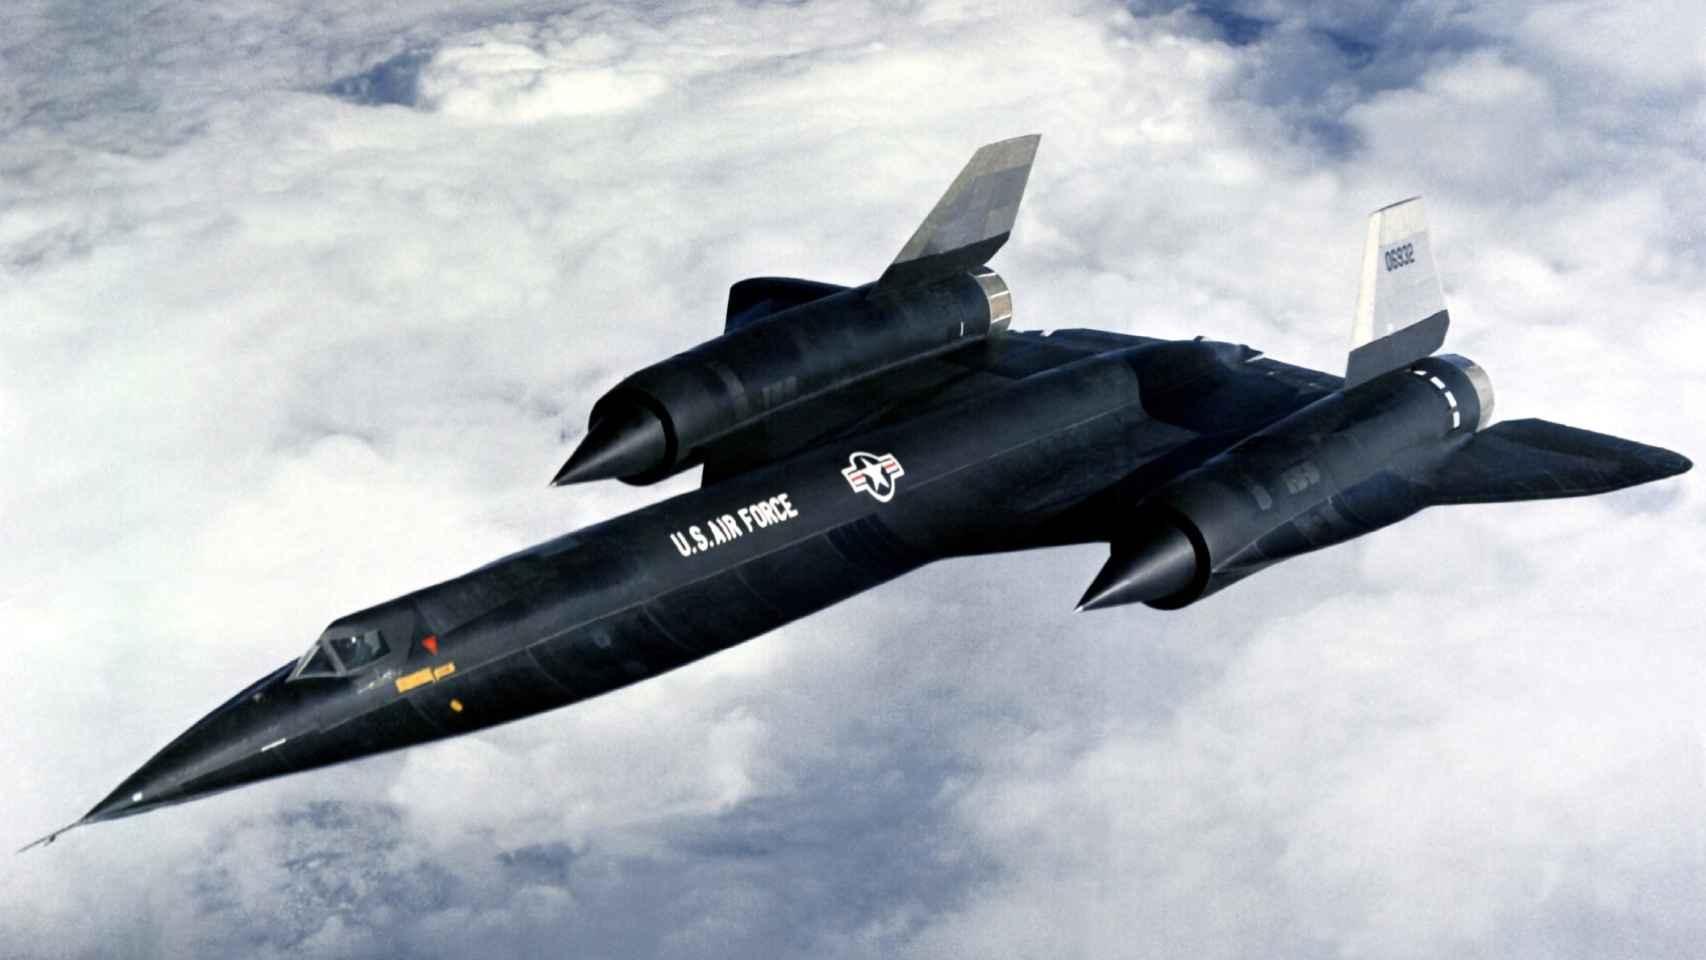 Lockheed Martin A-12 Archangel